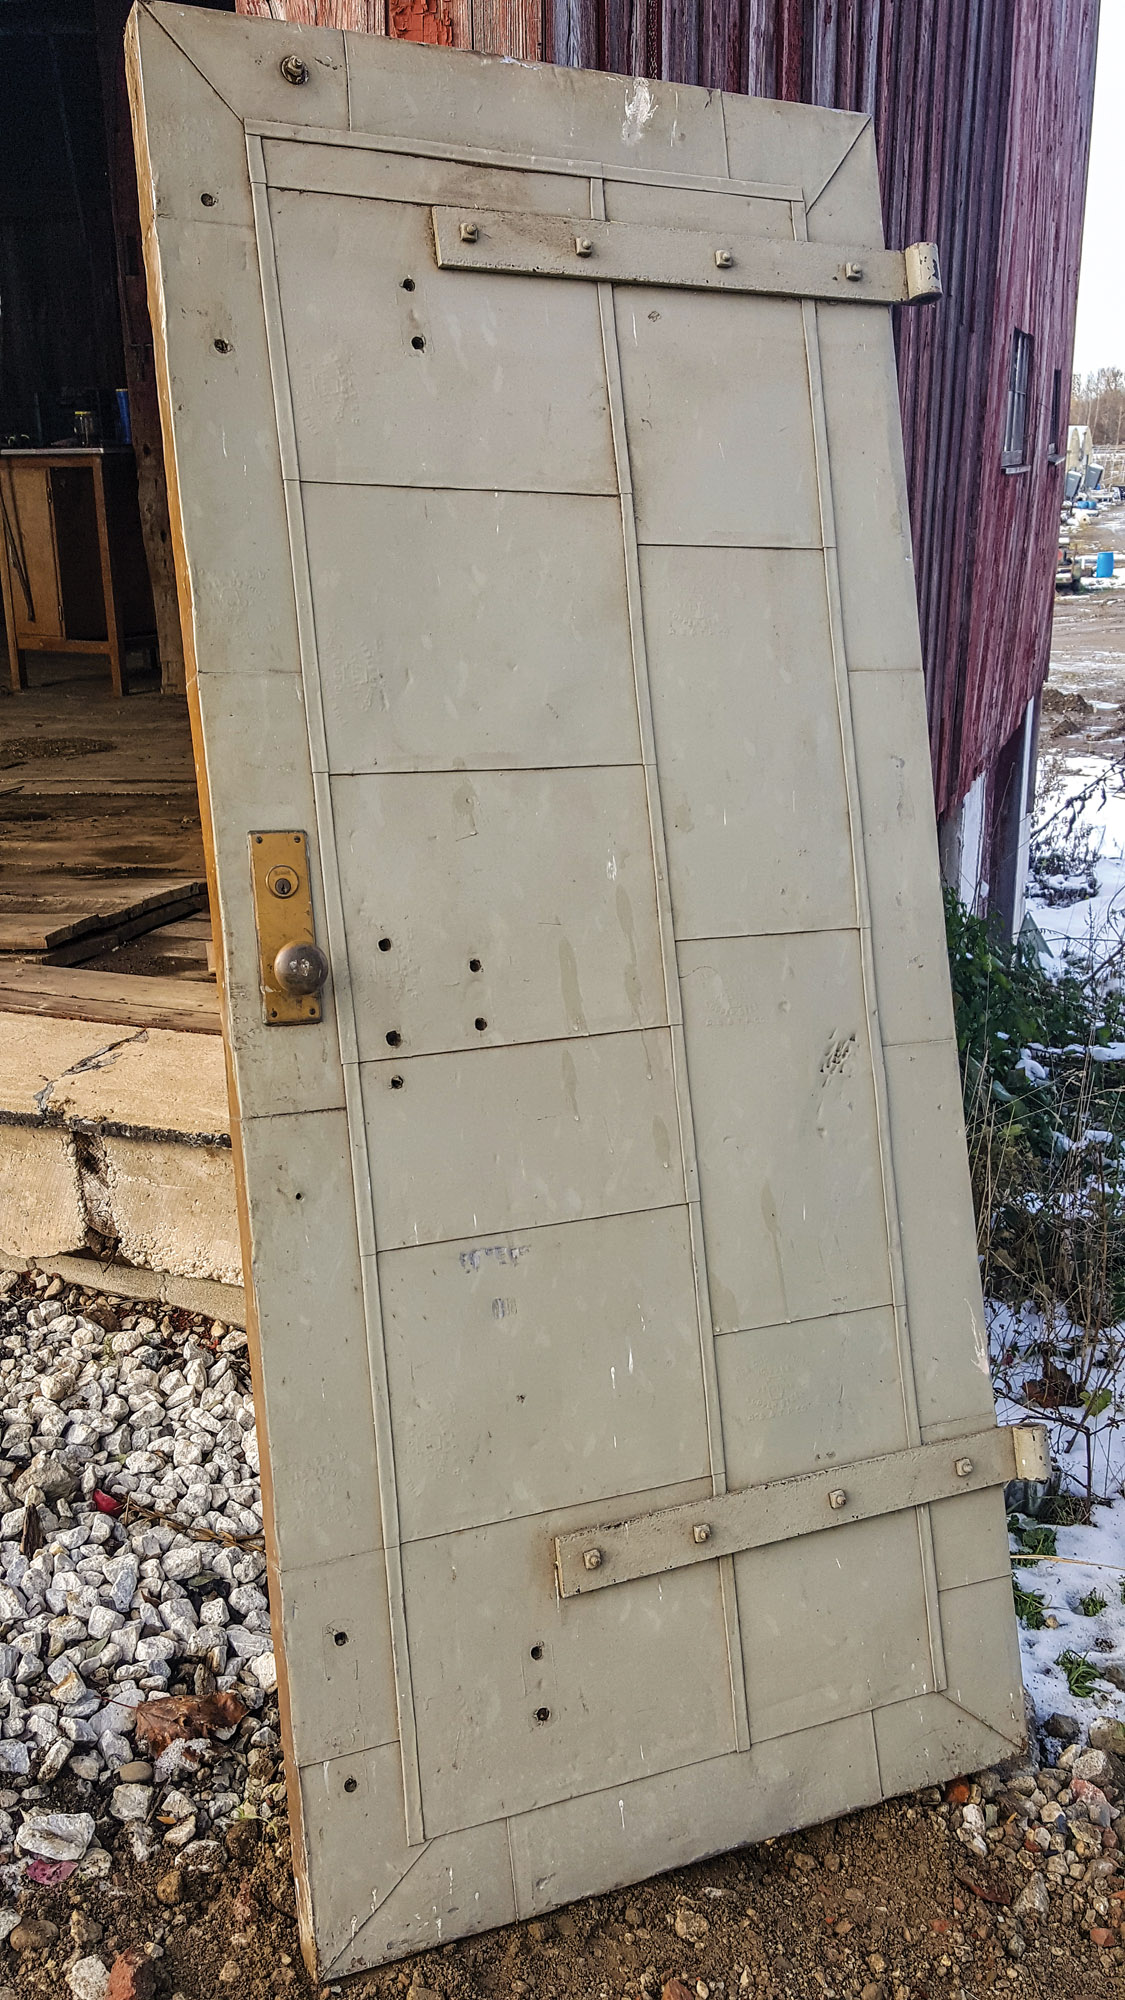 steel fire safety door